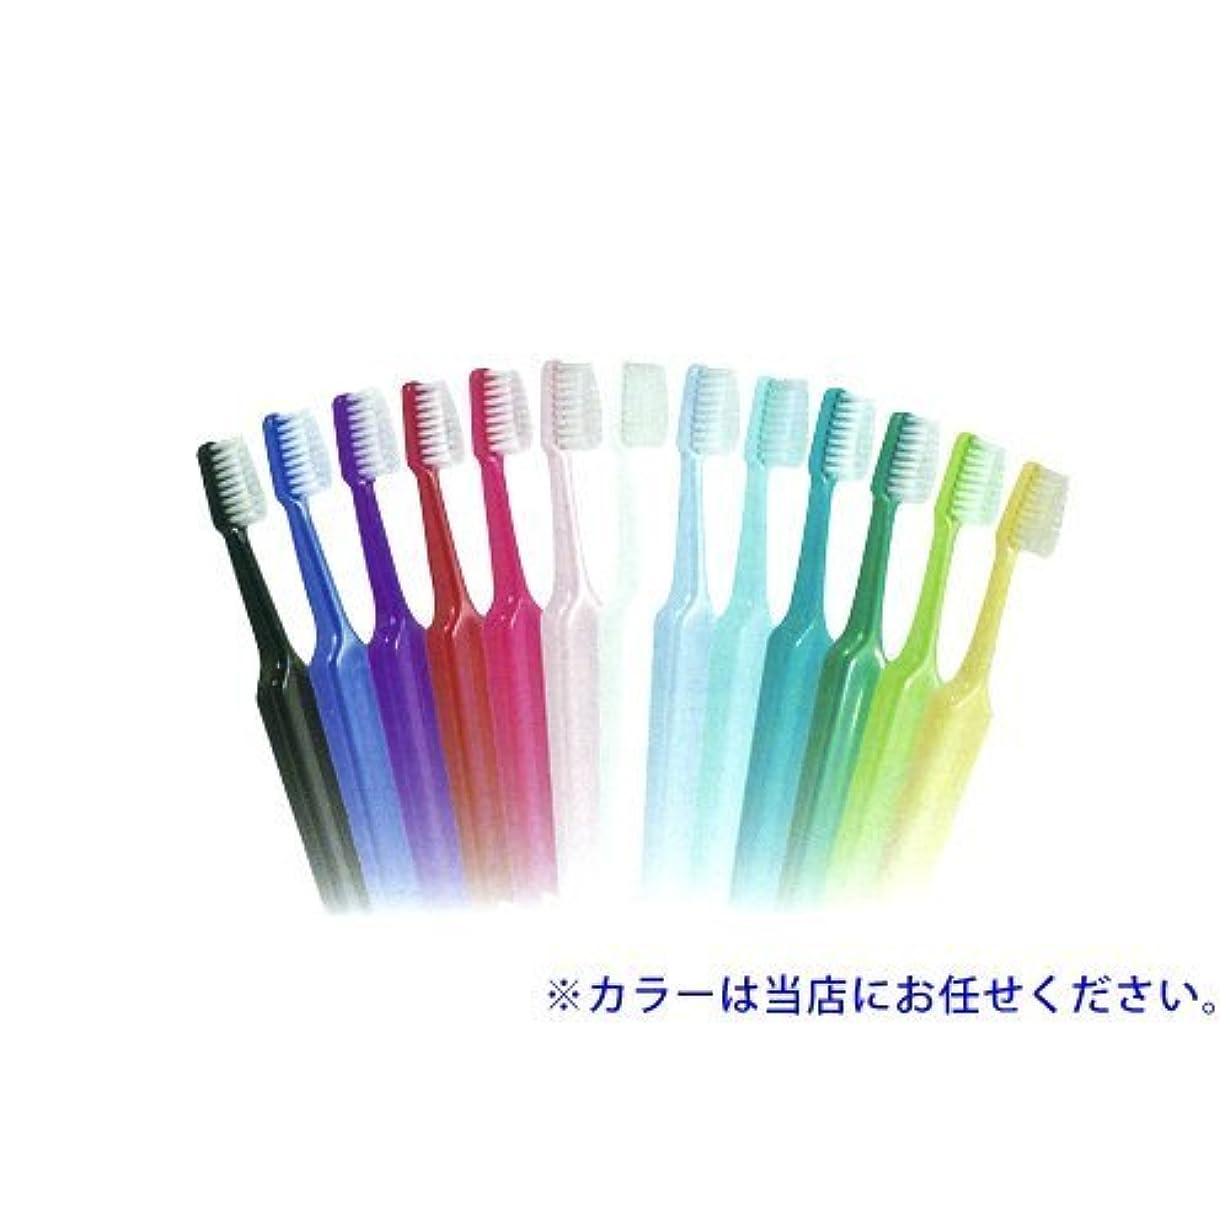 うぬぼれ注意イディオムTepe歯ブラシ セレクトミニ/エクストラソフト 25本/箱